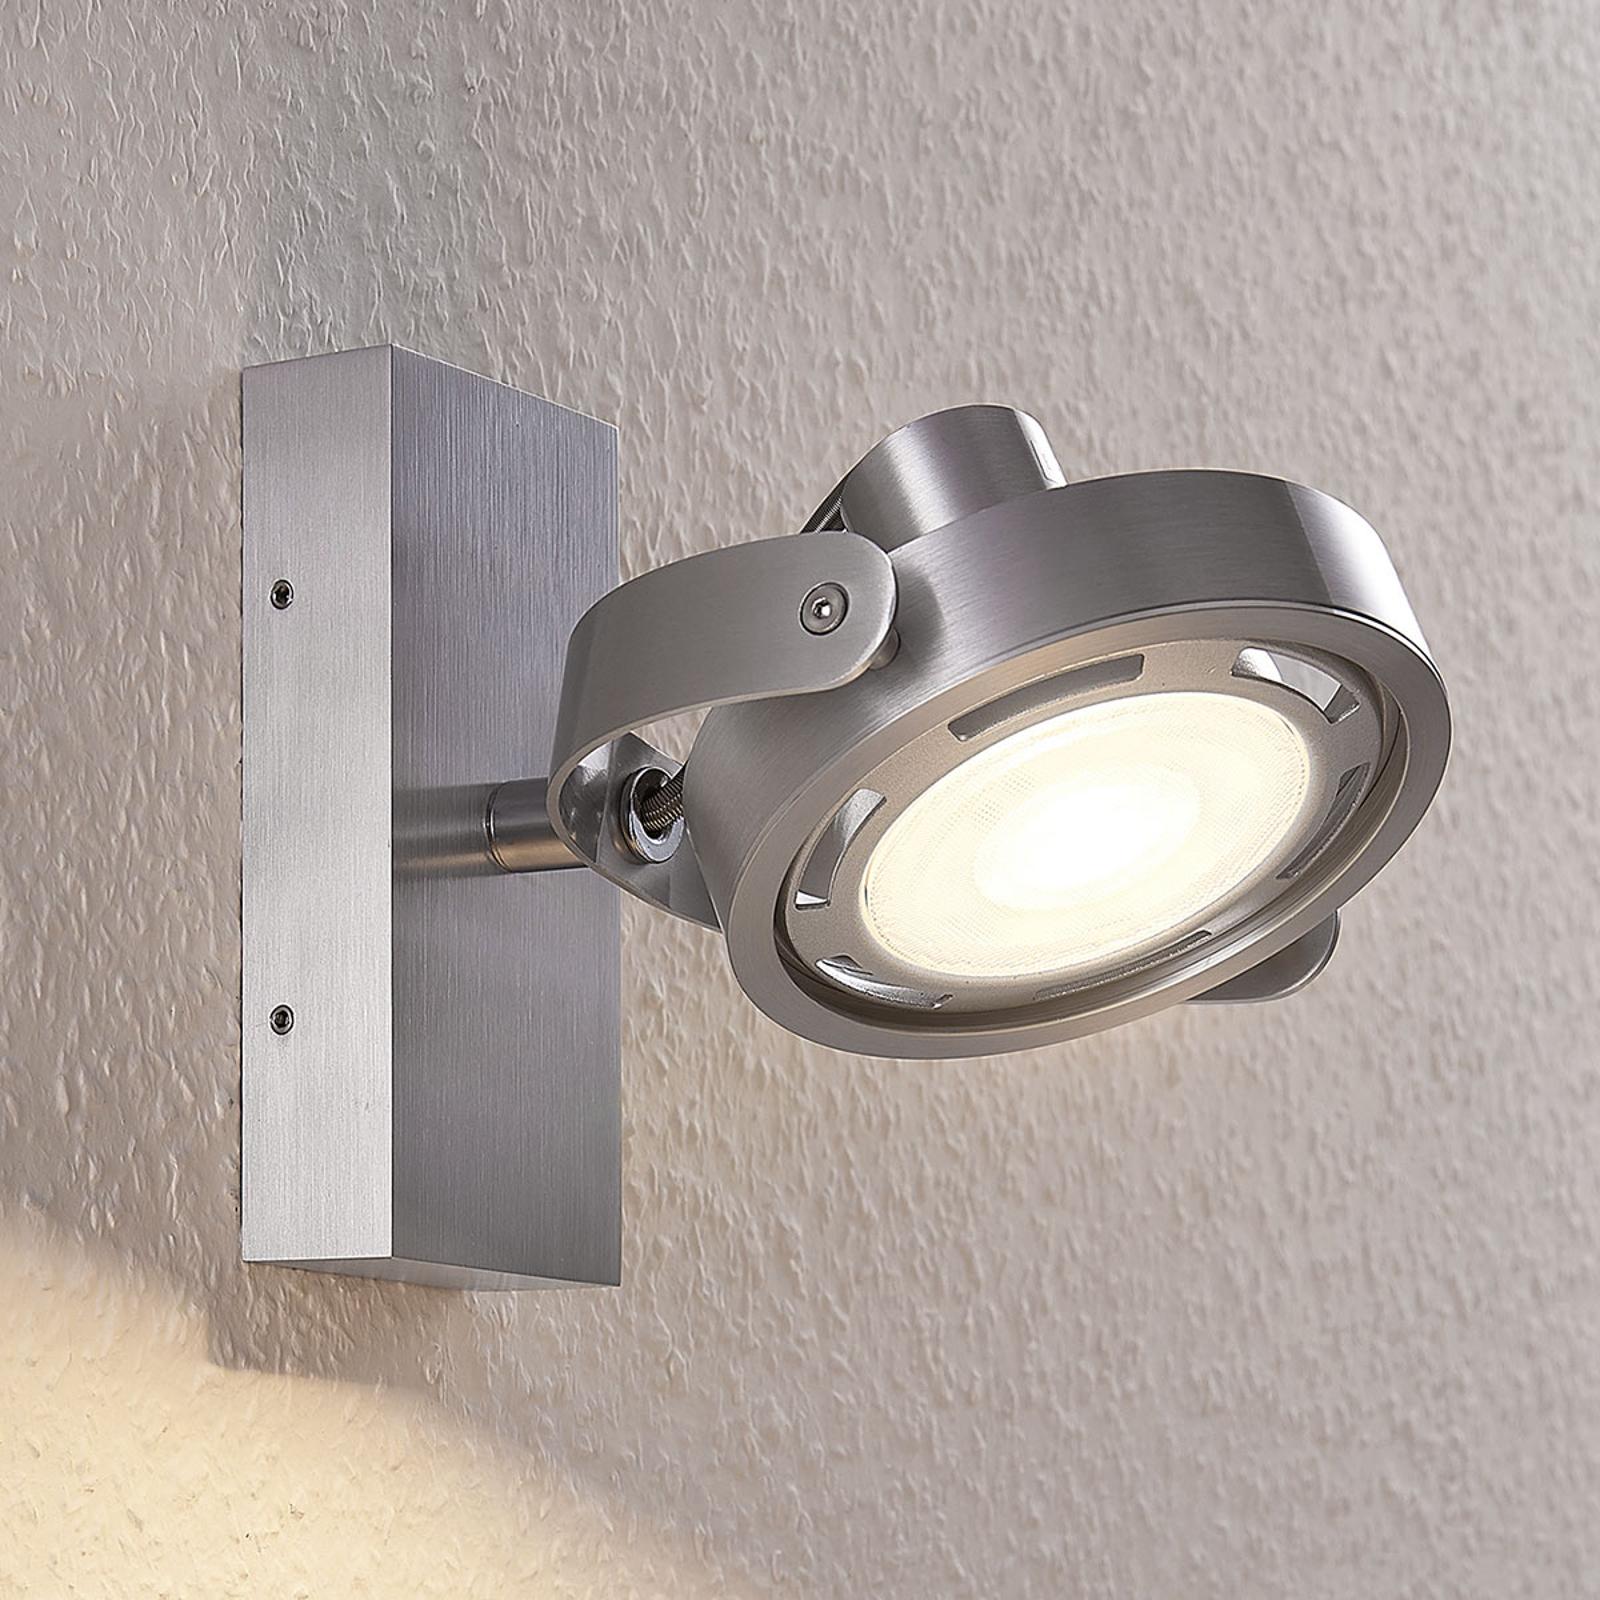 LED spot Munin, dimbaar, aluminium, 1-lamp